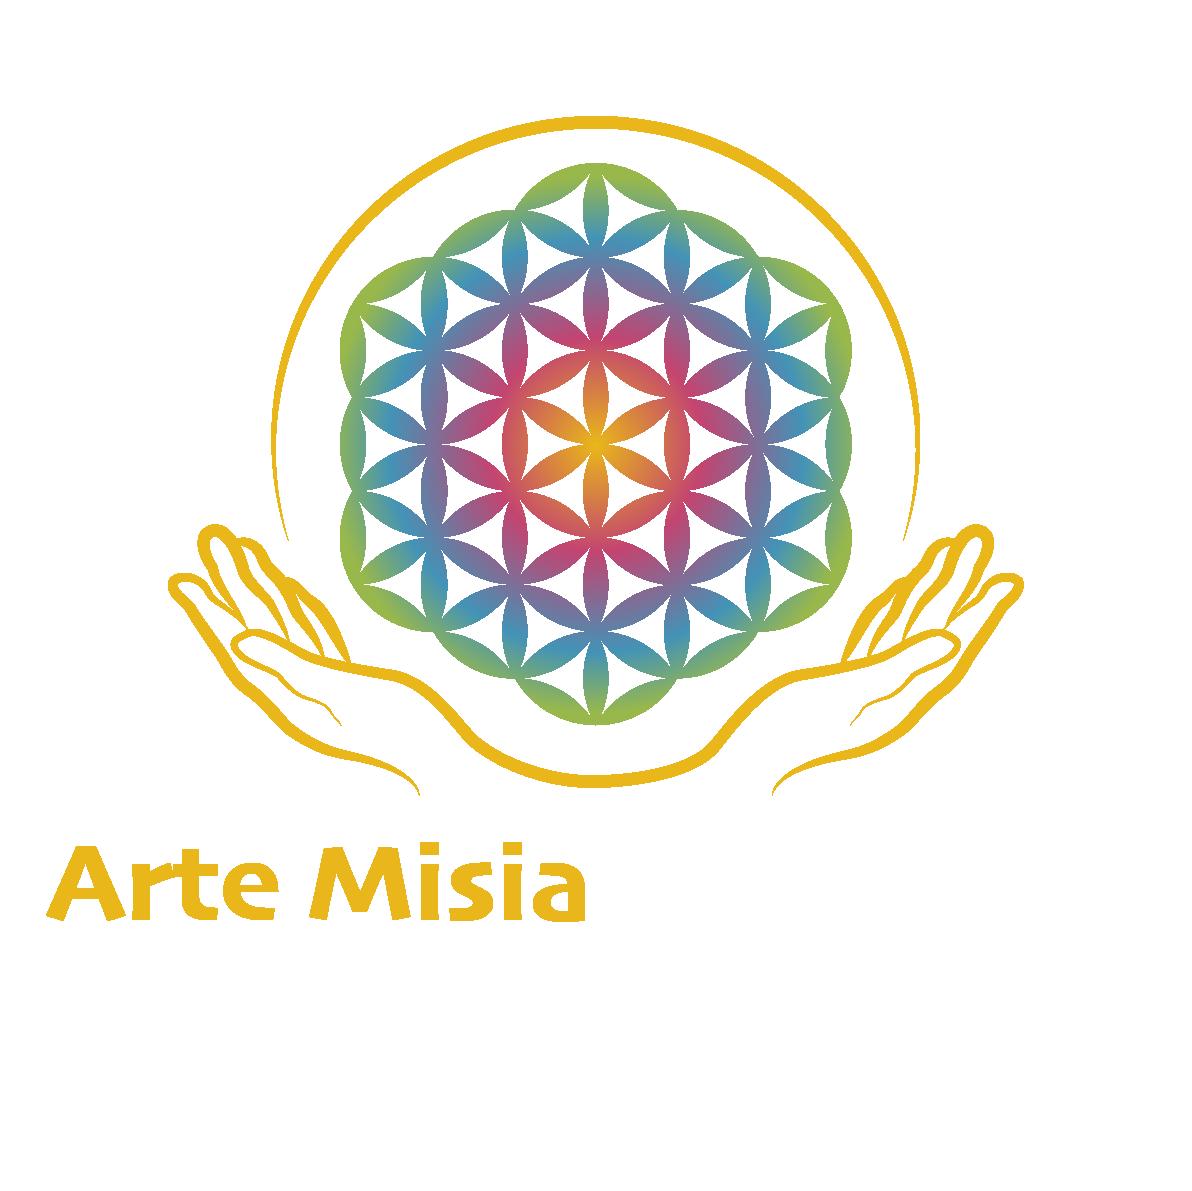 Arte Misia Sinneshof - Raum und Zeit für MenschSein und naturbezogene Kunst - Birgit Sahner & Bernhard Unger